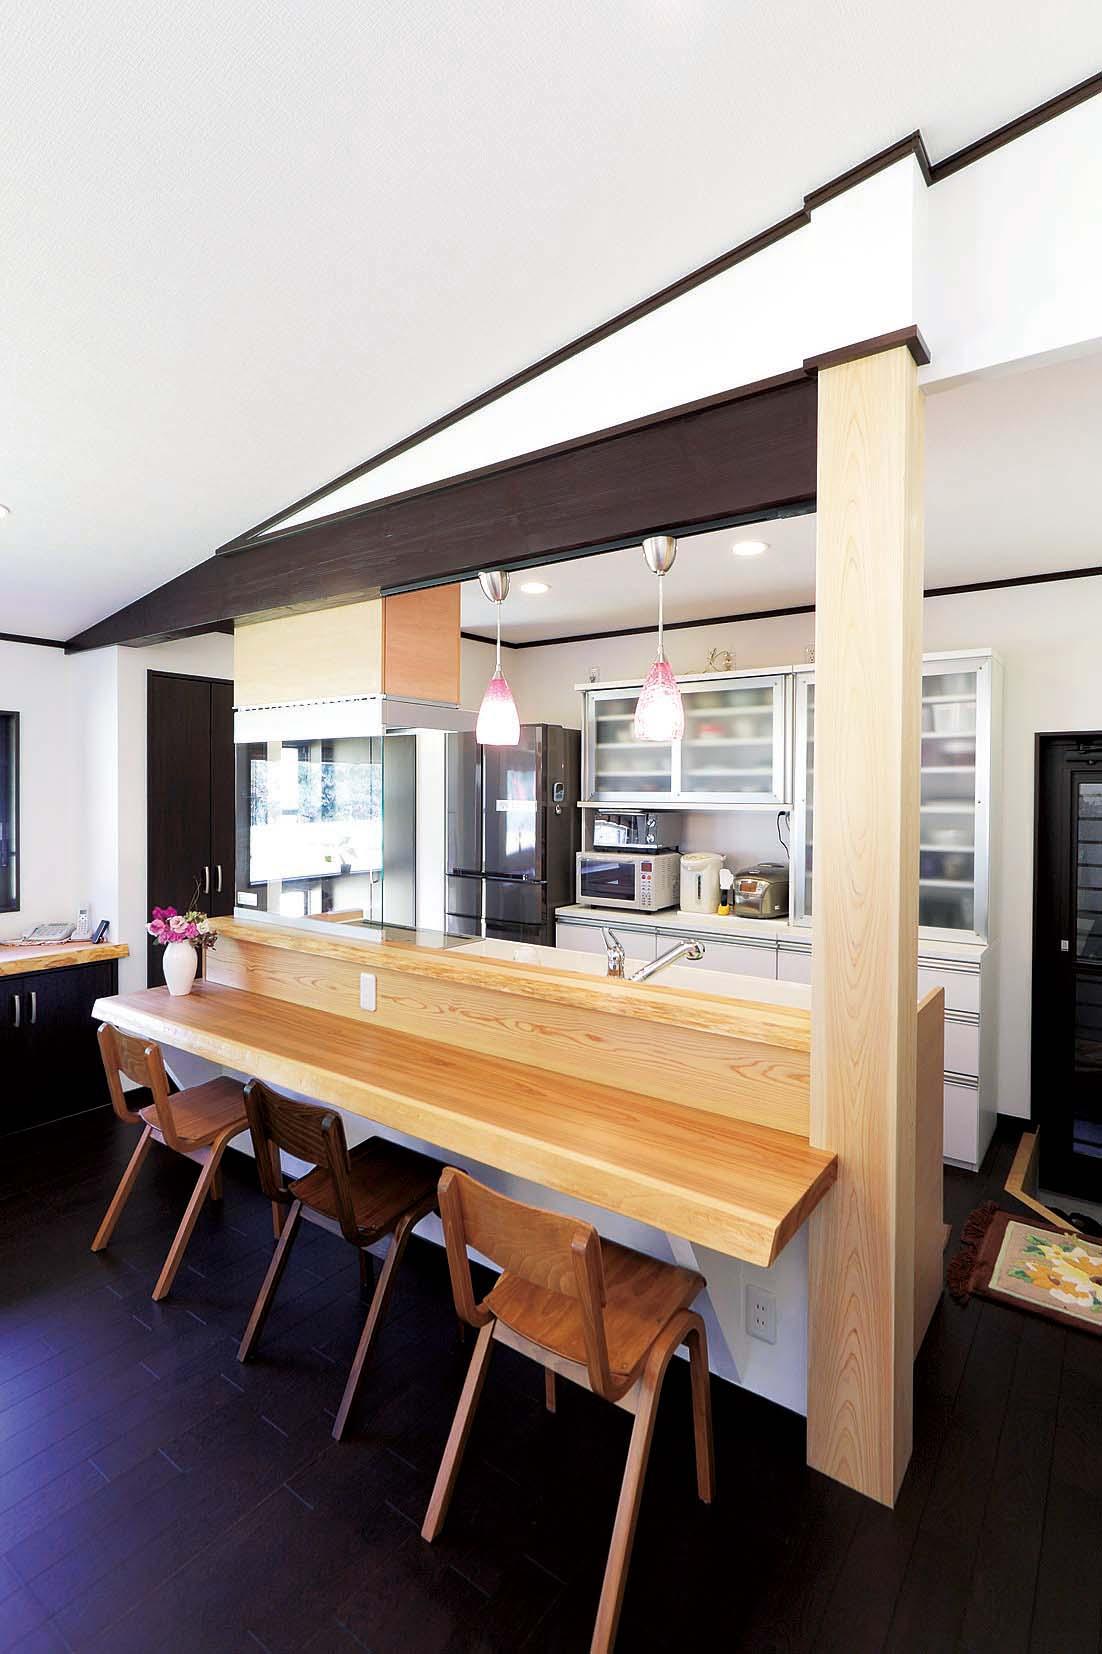 杉の耳付き無垢板で作られたキッチンカウンター。